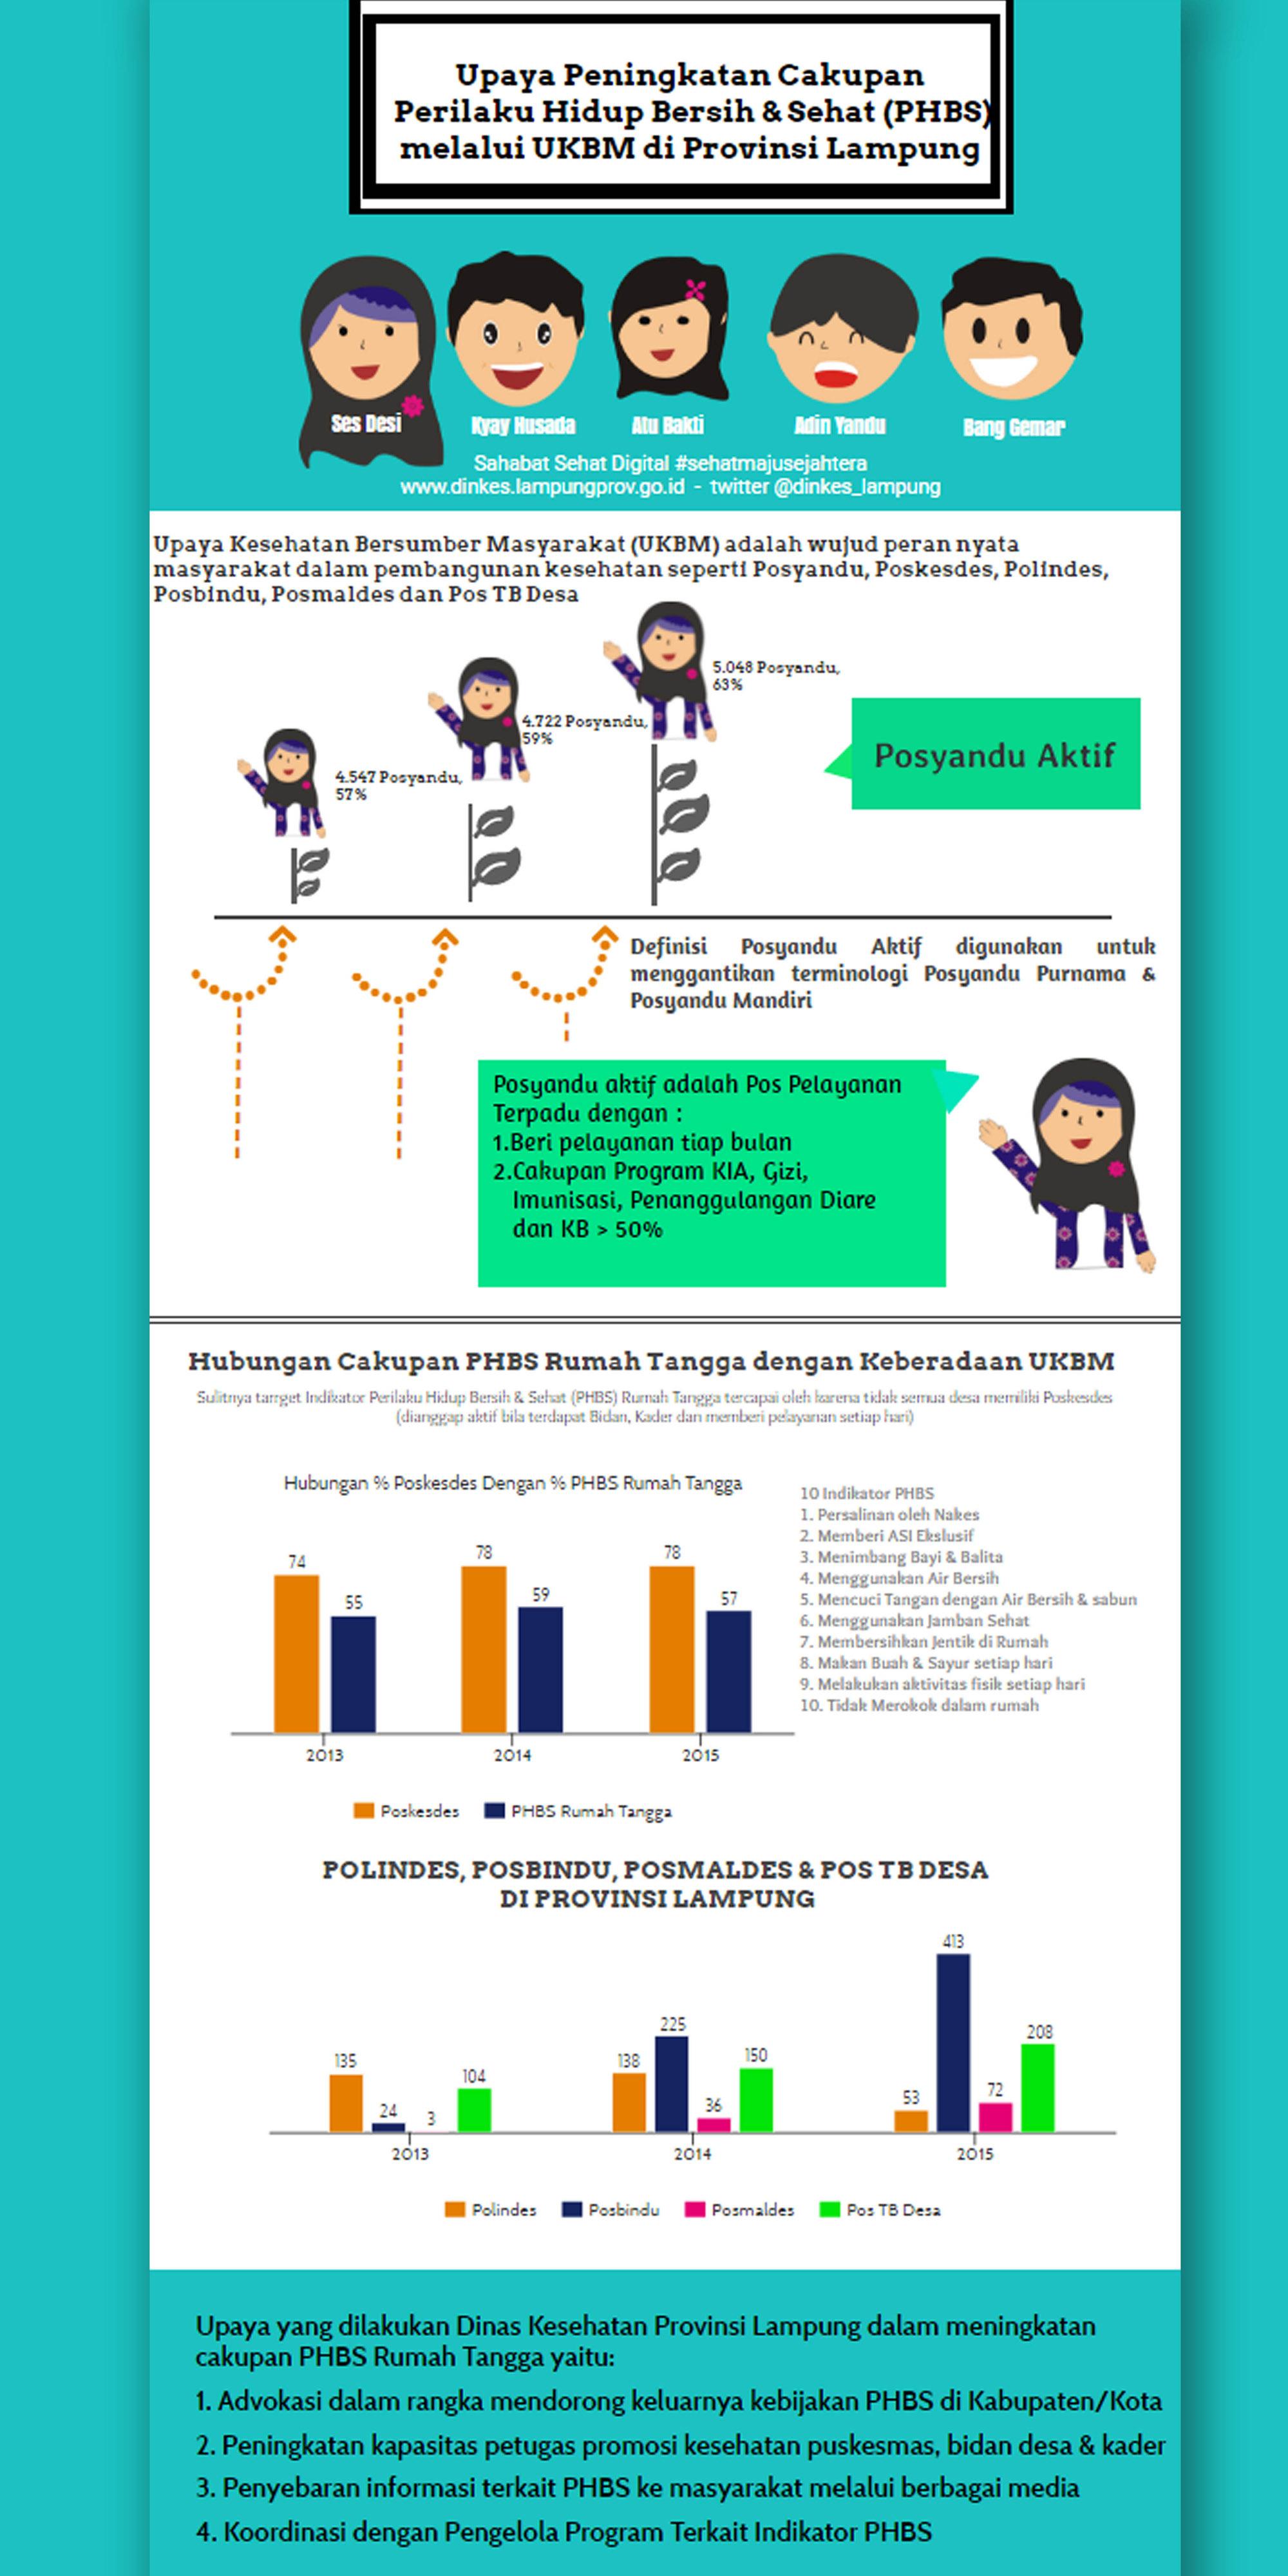 Upaya Peningkatan PHBS melalui UKBM